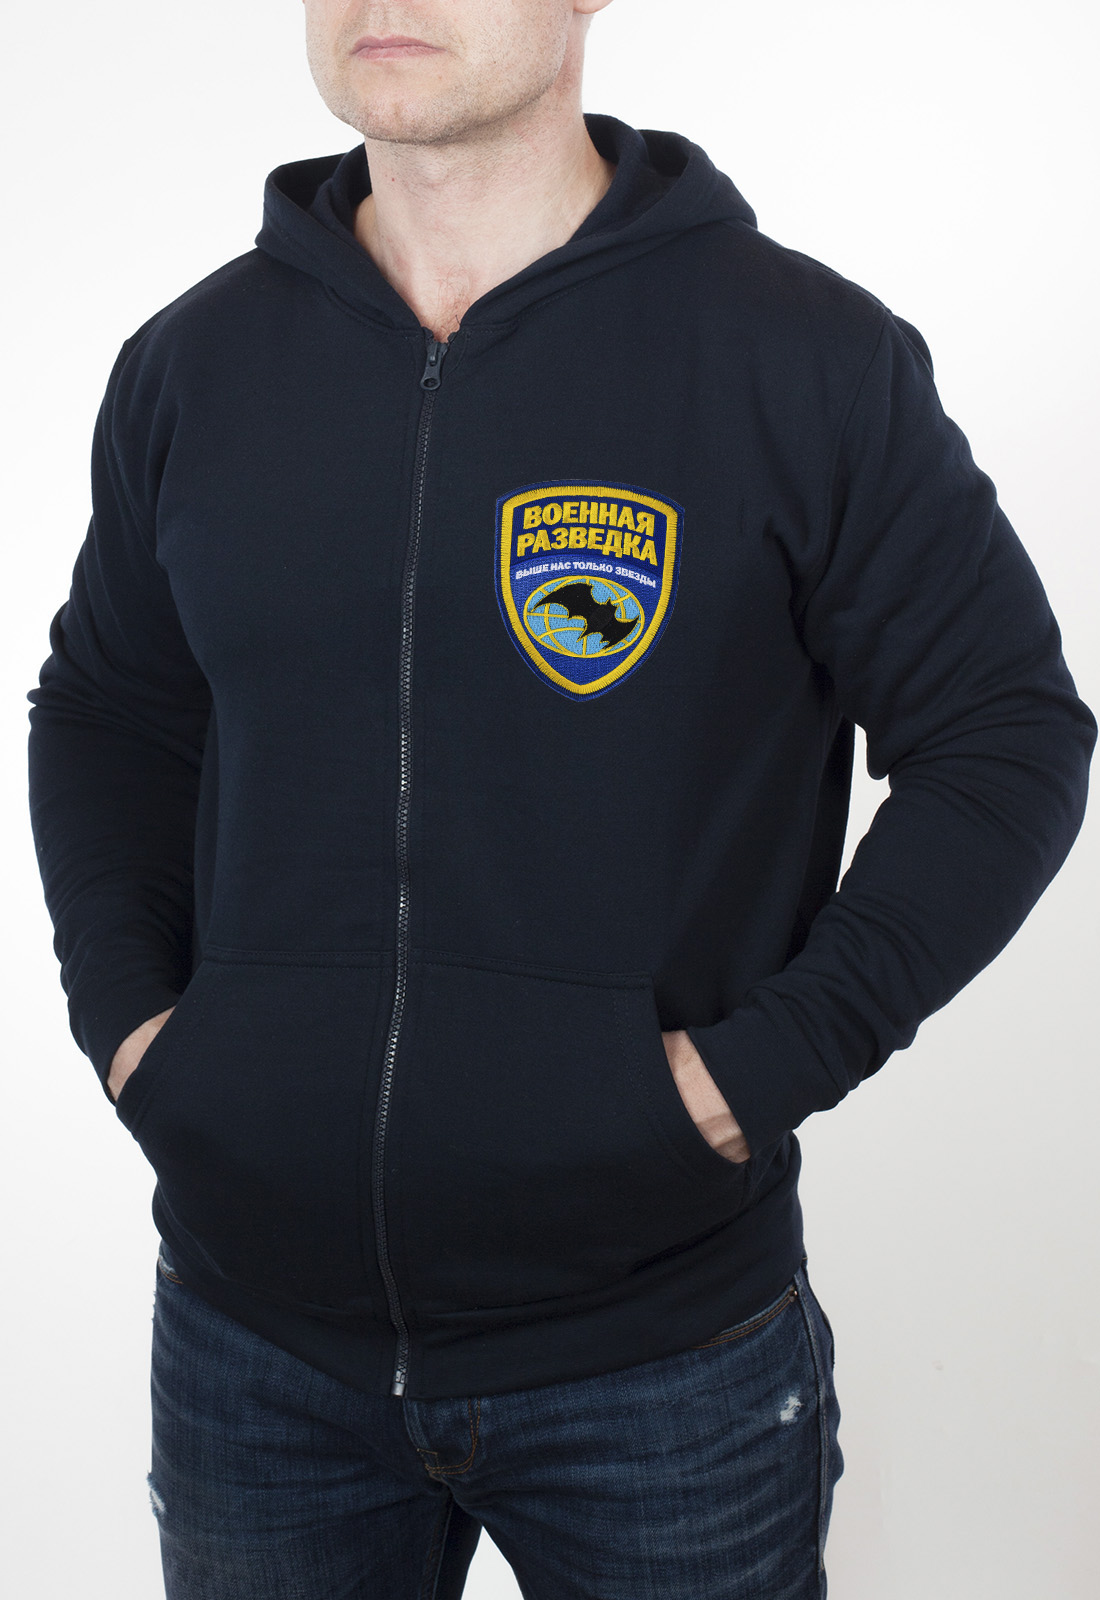 Купить в интернет магазине мужскую толстовку с капюшоном и эмблемой Военная Разведка